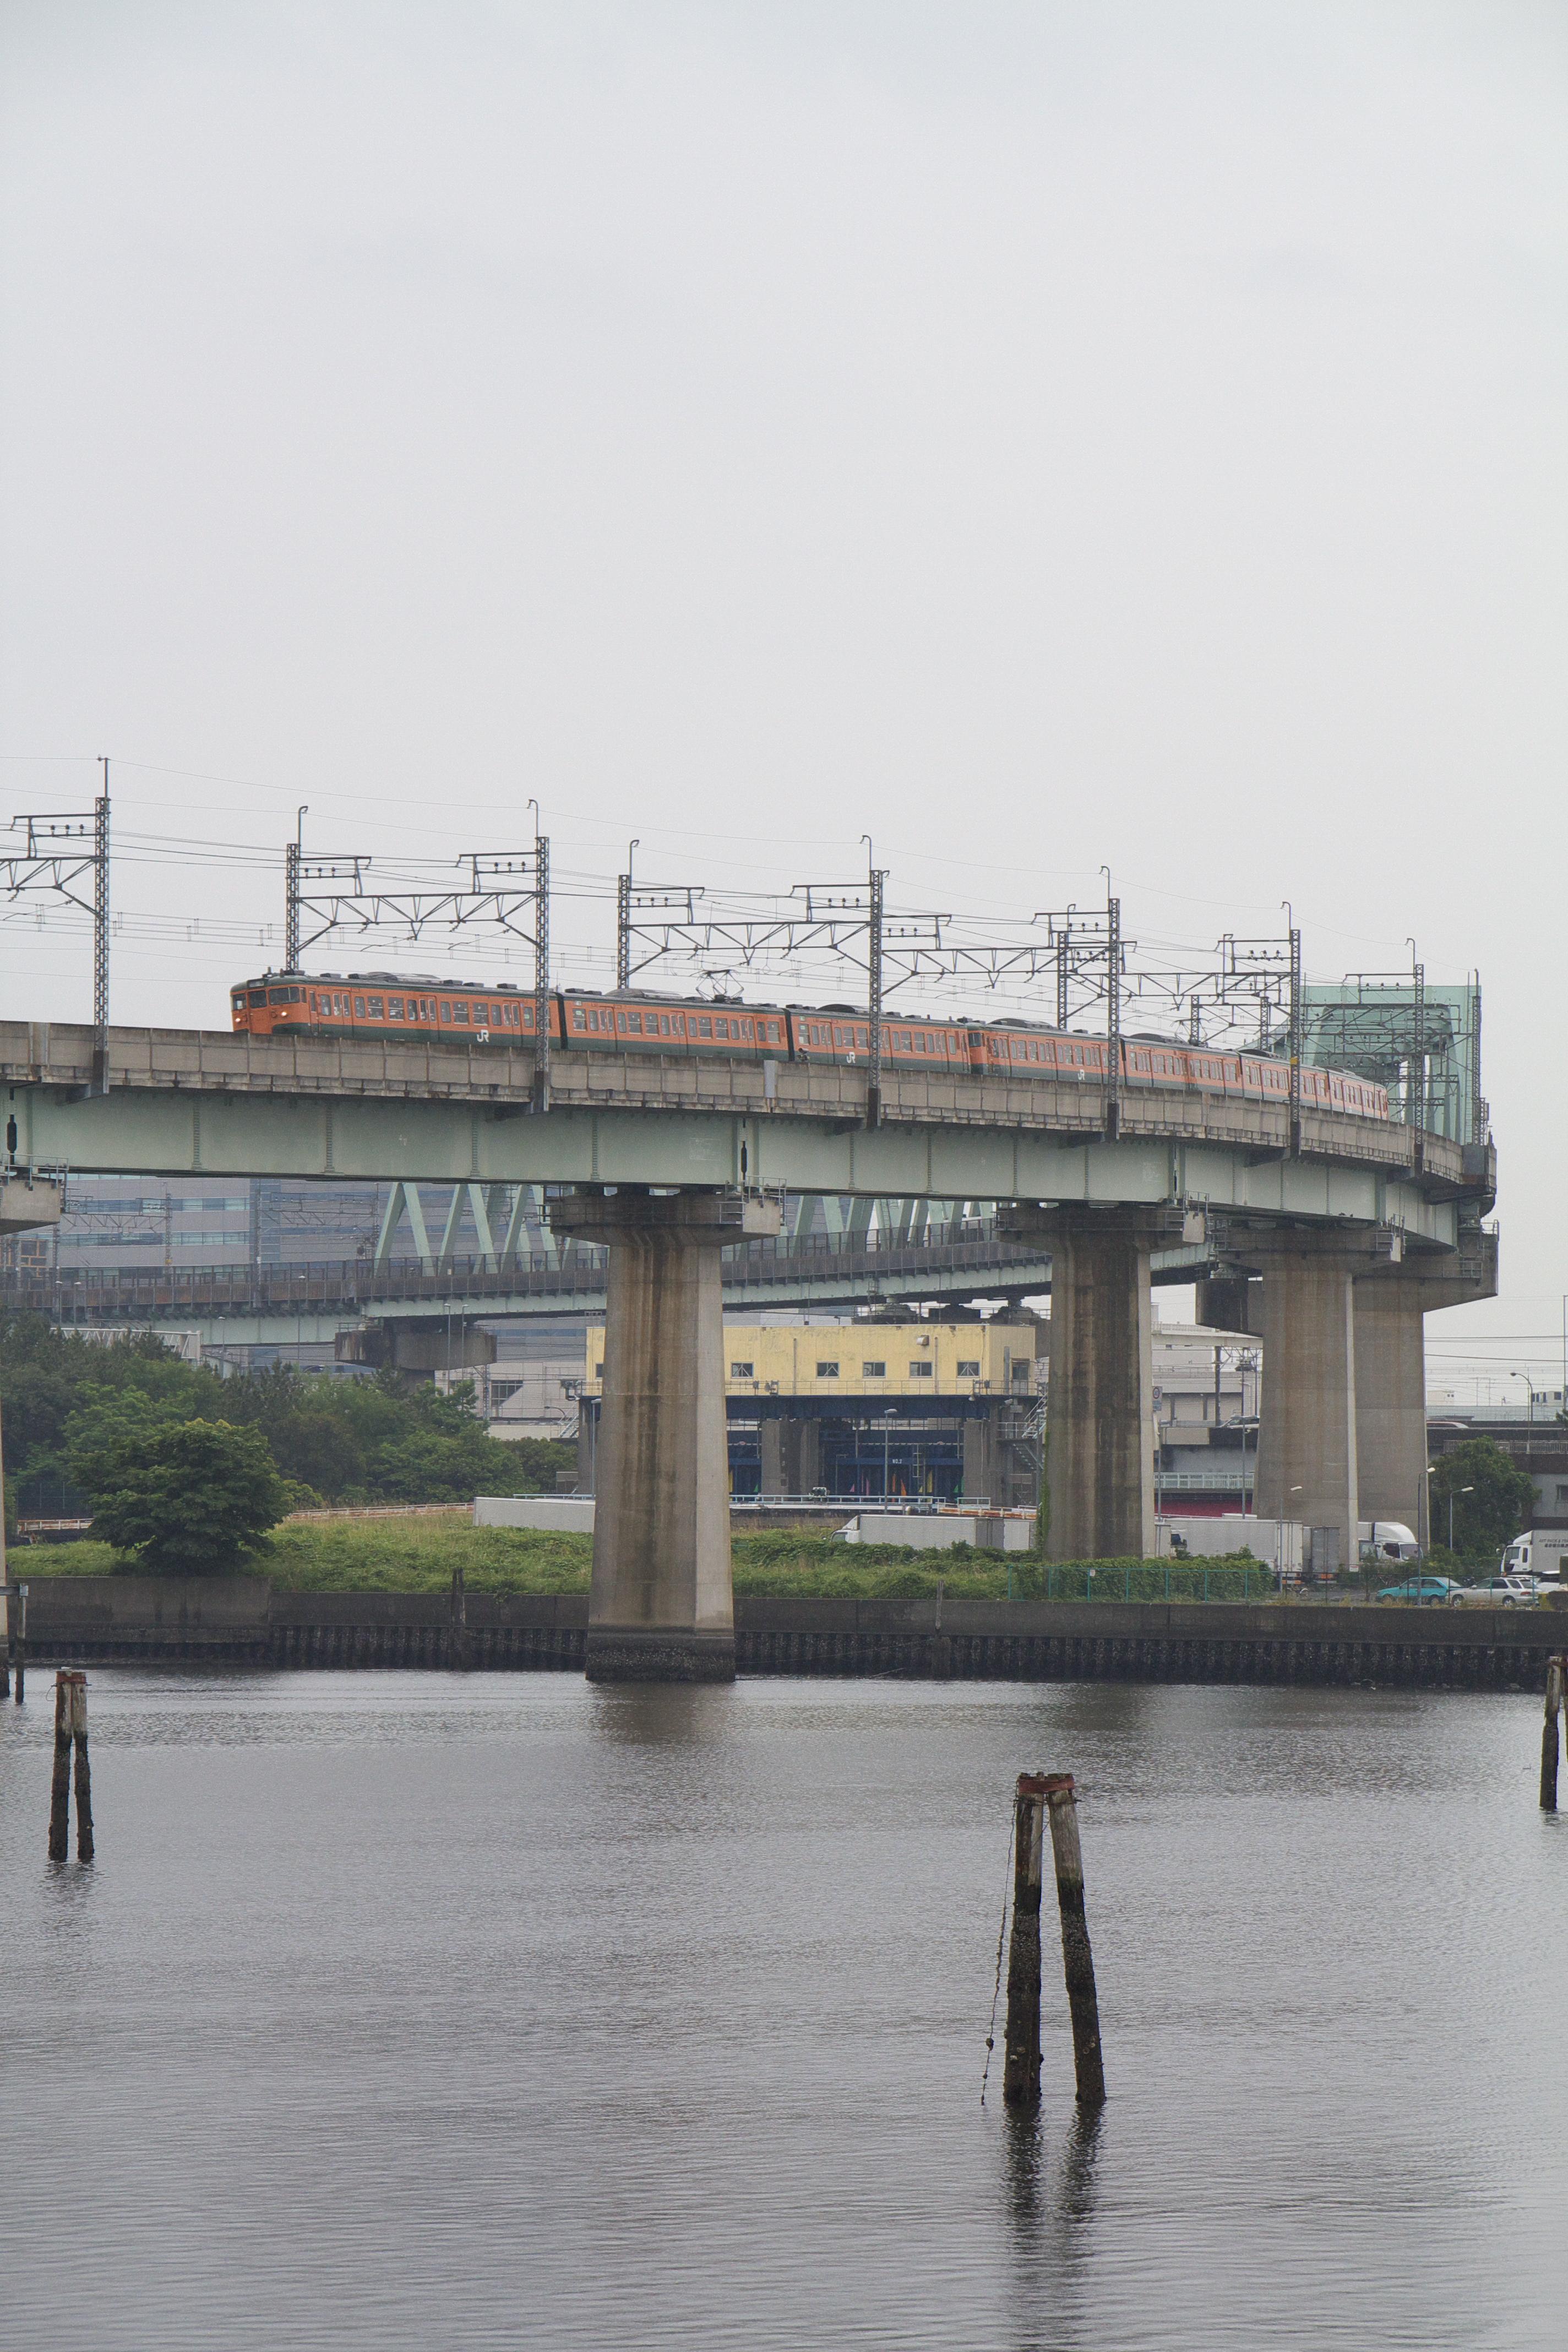 http://livedoor.blogimg.jp/m_marukun/imgs/7/d/7dbf967b2d4474c10d6f.jpg